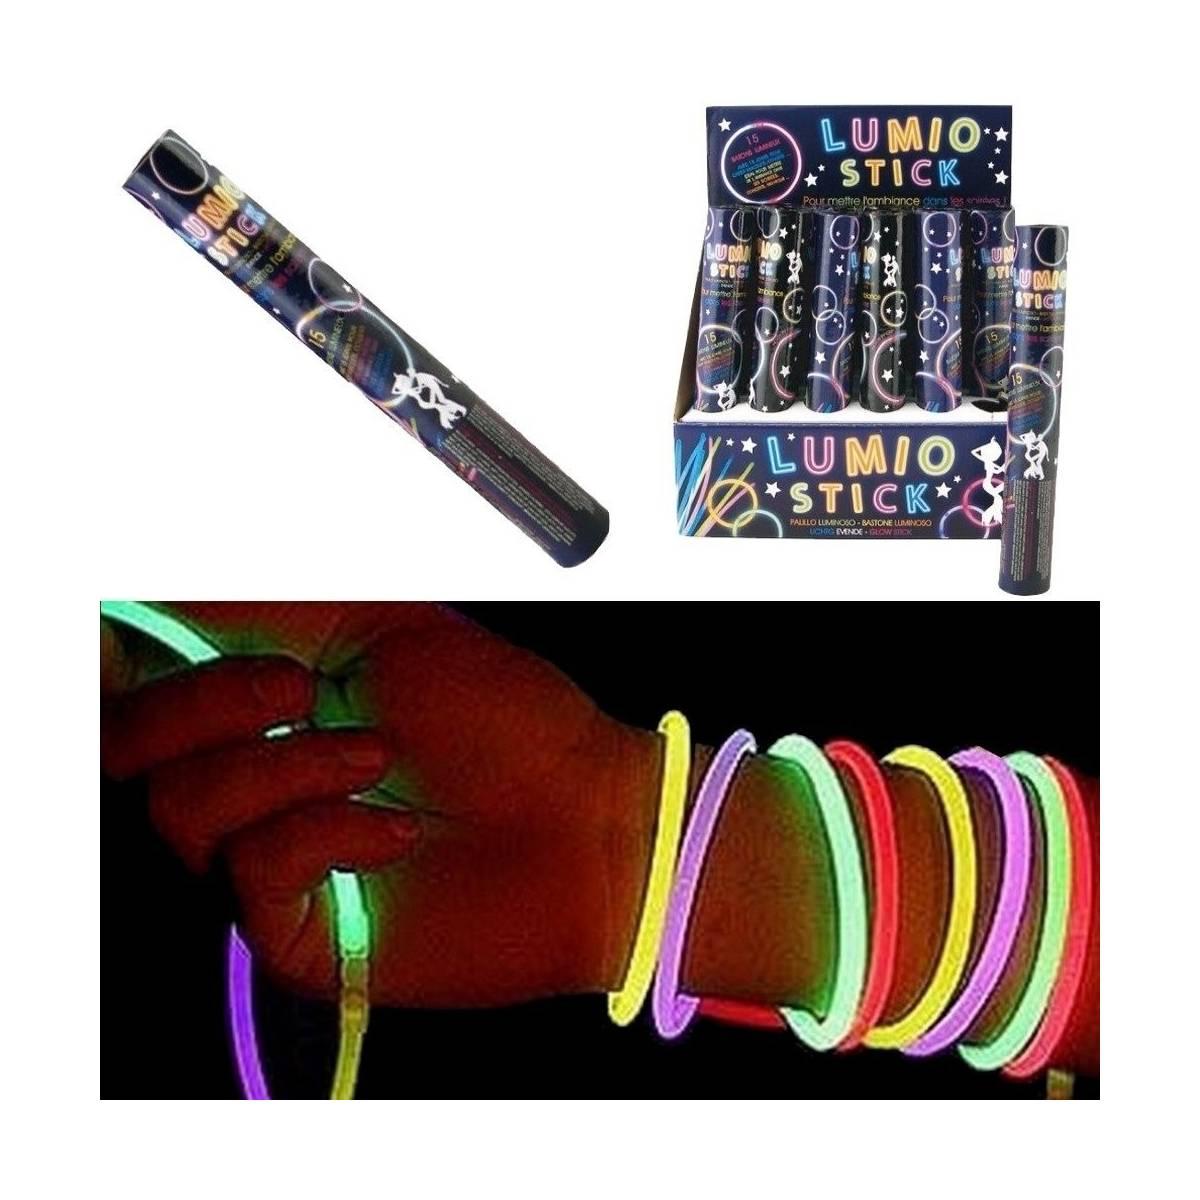 Lumino sticks - 15 Bâtons Lumineux pour Bracelets, Colliers.